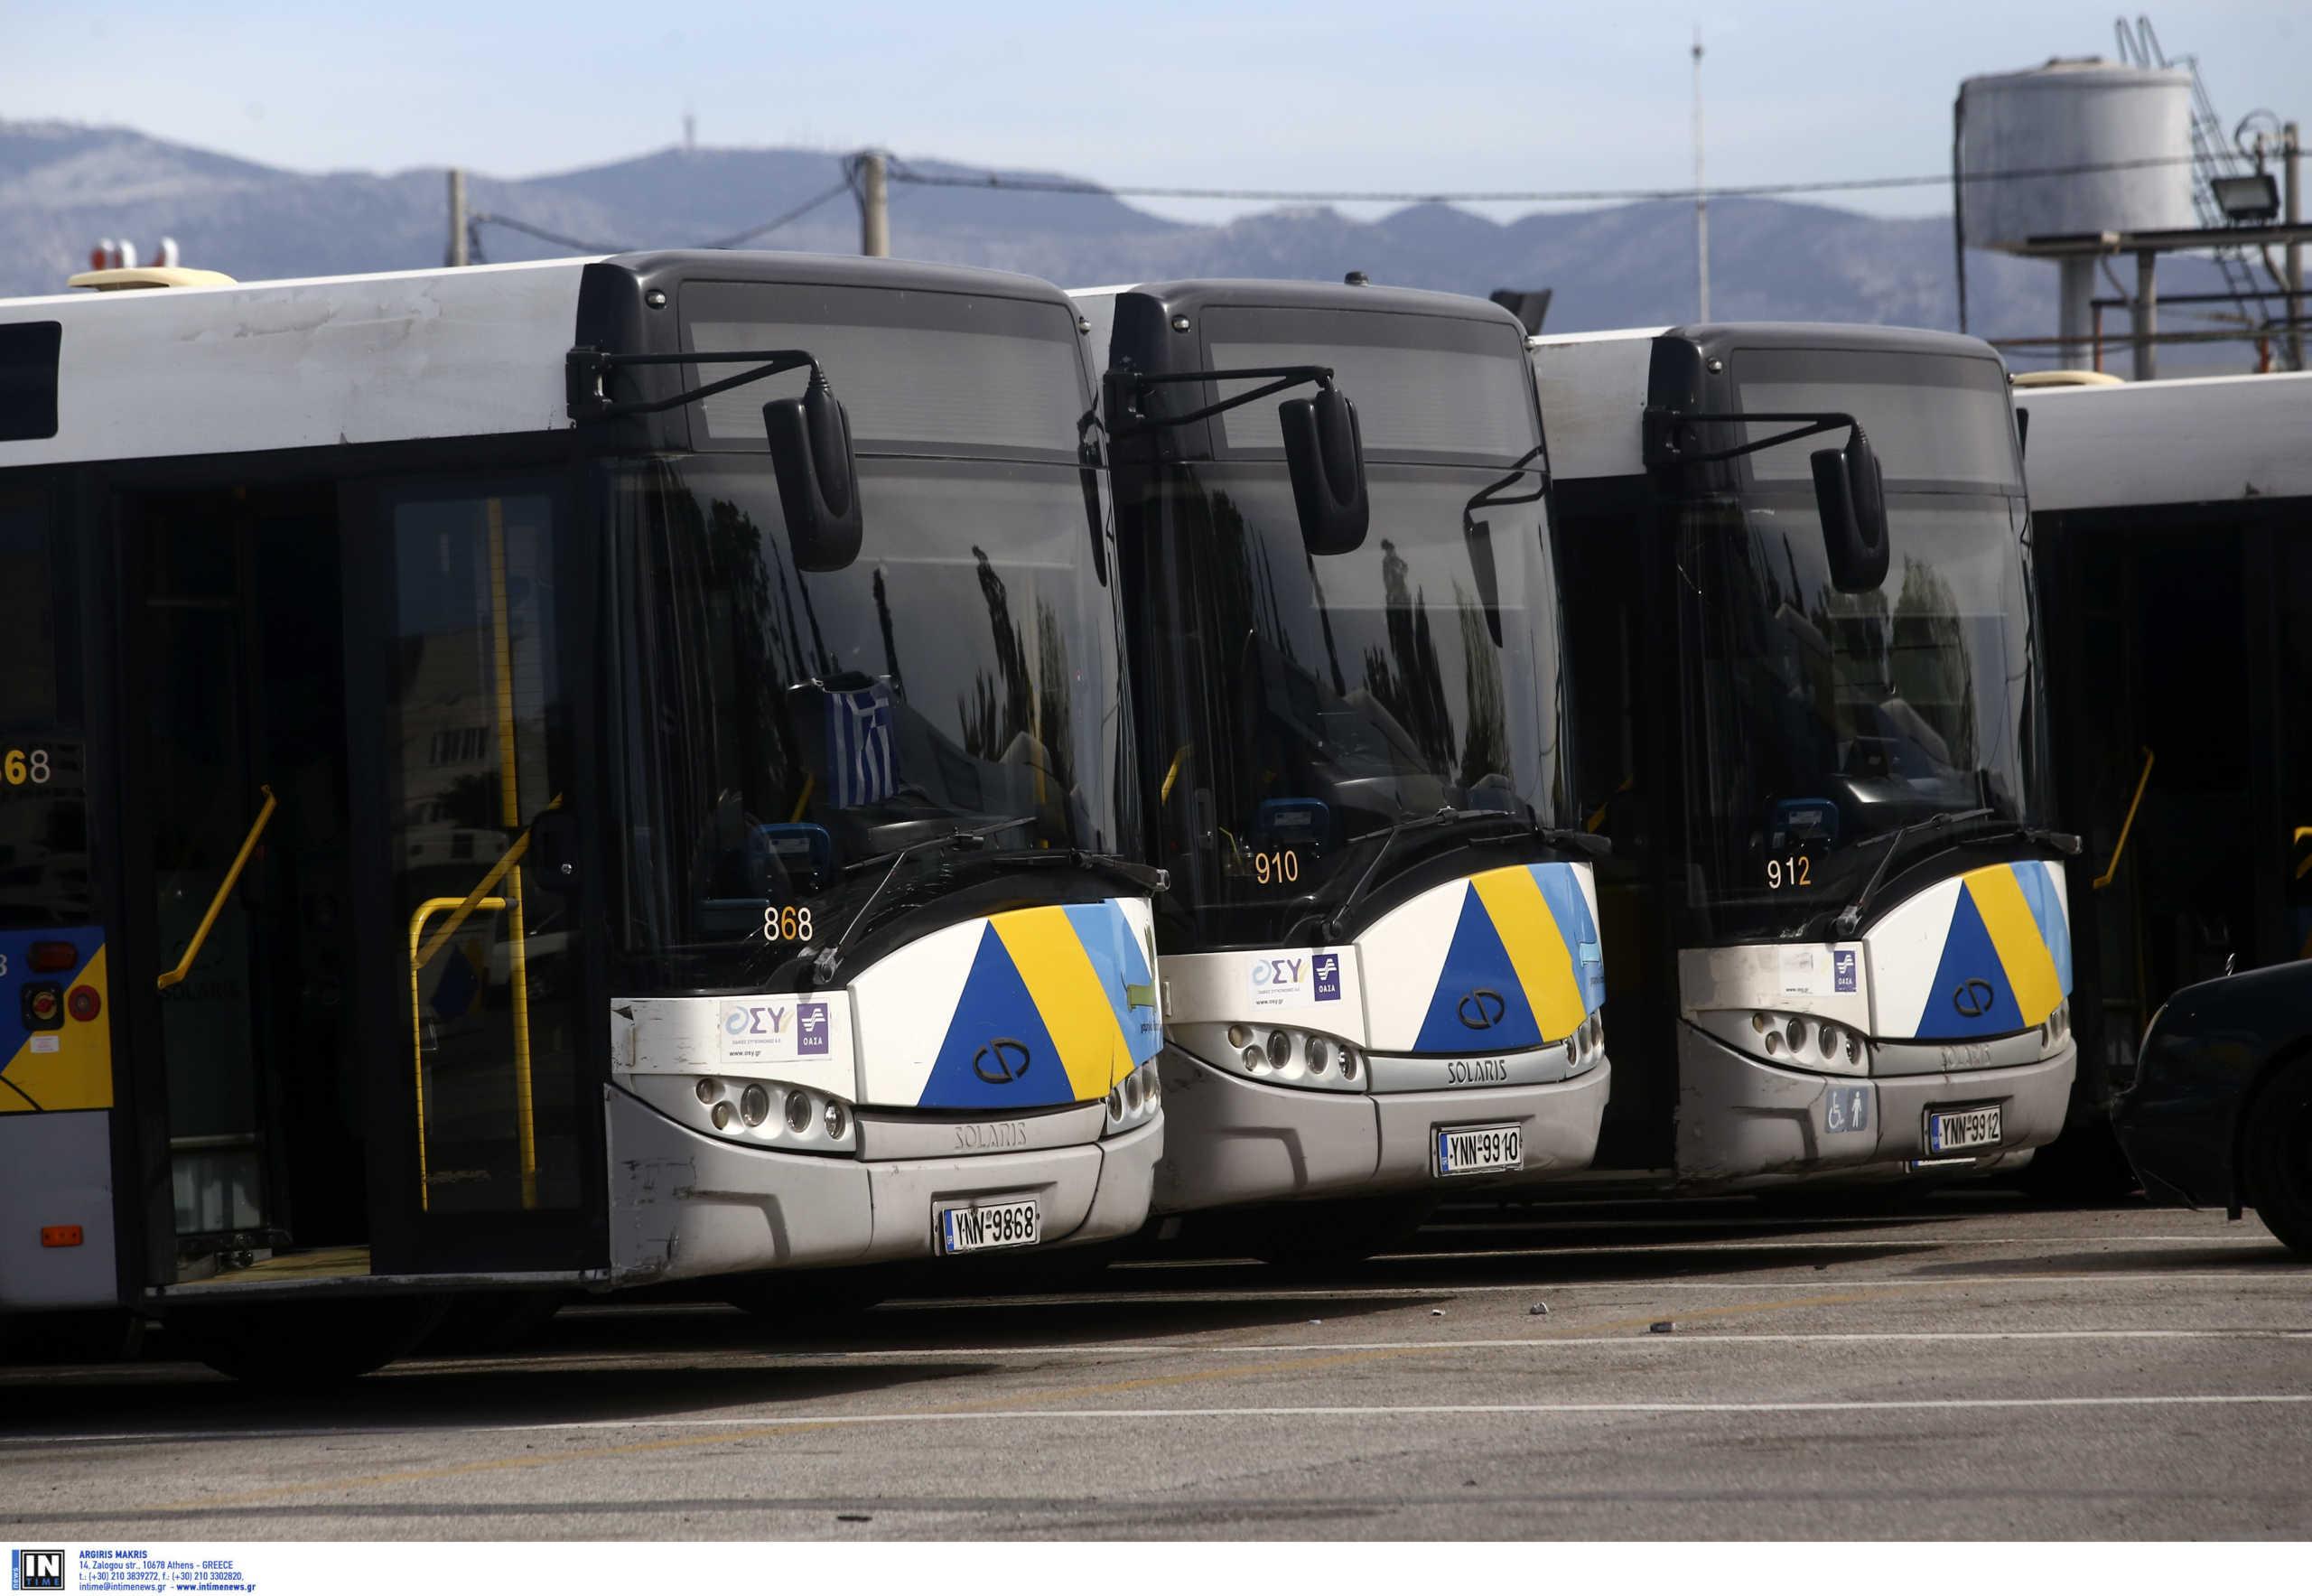 Καραμανλής: Με χρηματοδότηση της ΕΕ τα νέα λεωφορεία – Τι θα γίνει με την Αττική Οδό